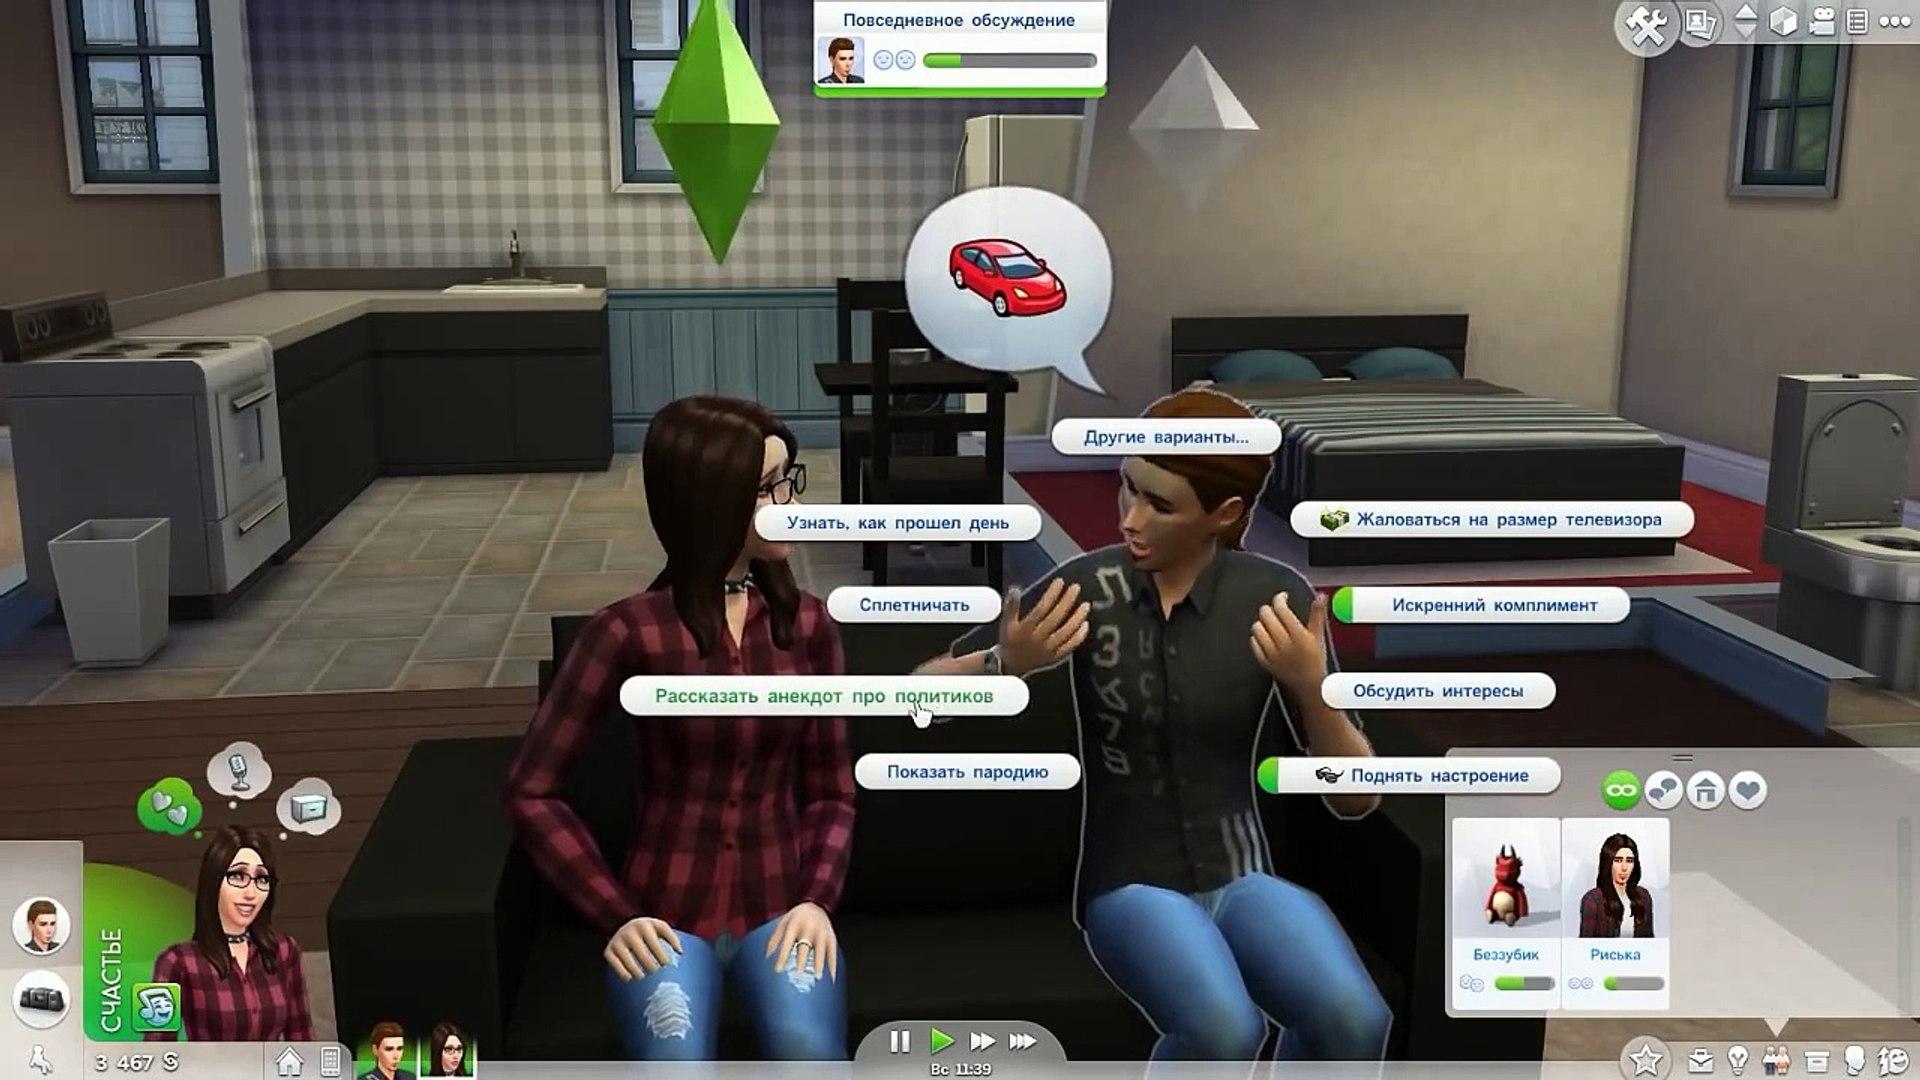 [Lets Play] Миёк играет в the Sims 4: #13 - Обычная жизнь Мийка и Риськи